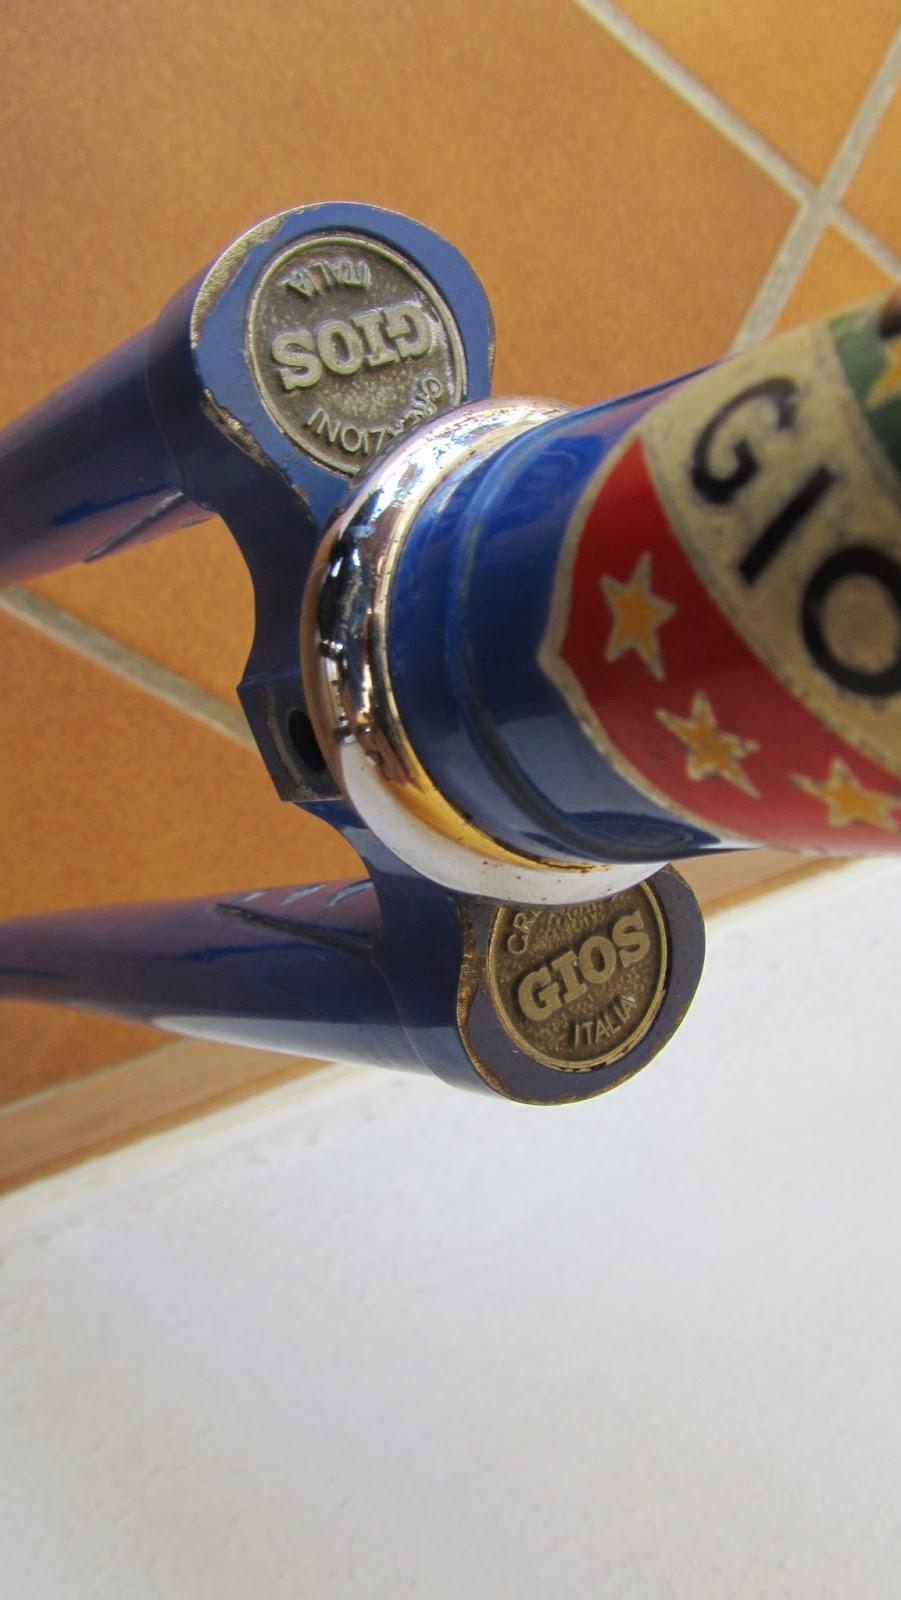 Gios Torino Super Record